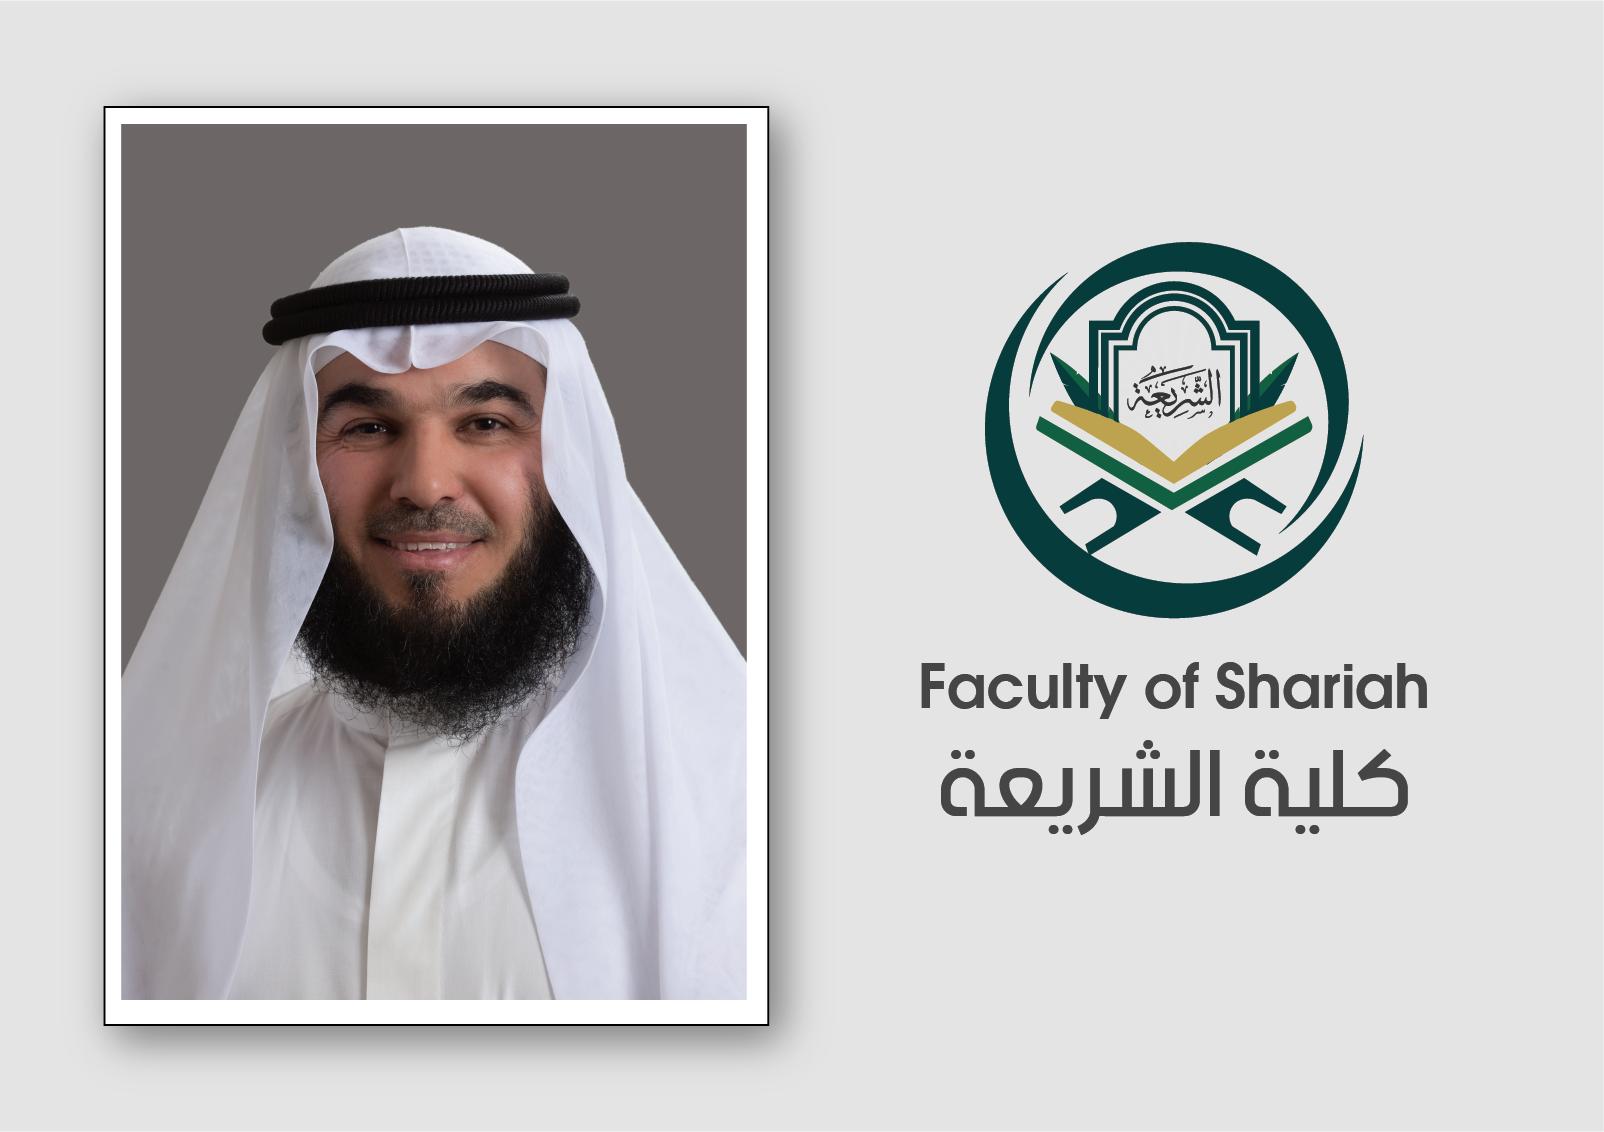 """أبو قدوم من """"عمان العربية"""" مرشح لمكاتب الإصلاح الأسري في دائرة قاضي القضاة"""